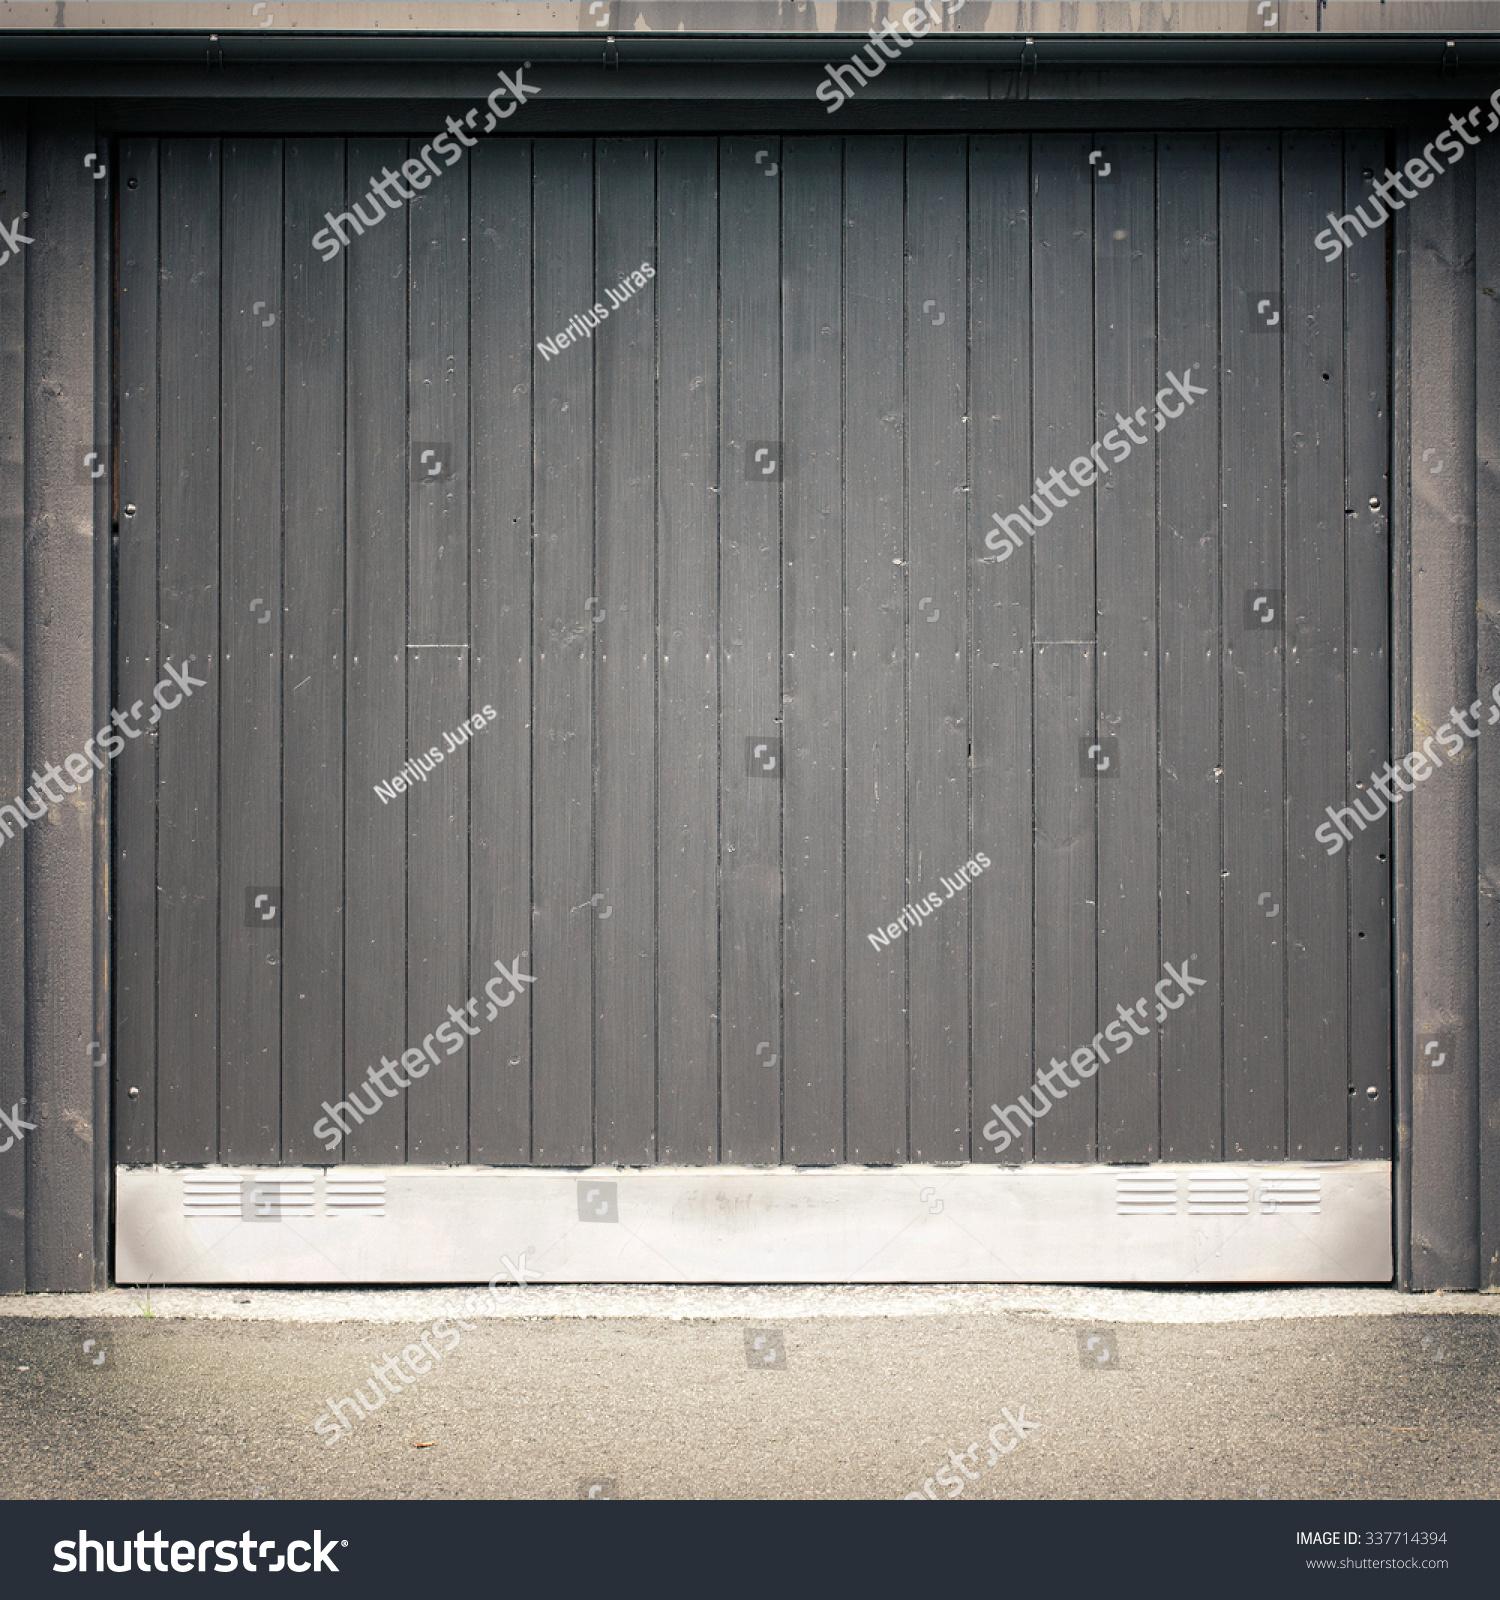 1600 #7E6B4D Dark Black Wooden Garage Door Asphalt Ground Stock Photo 337714394  wallpaper Dark Wood Garage Doors 36951500